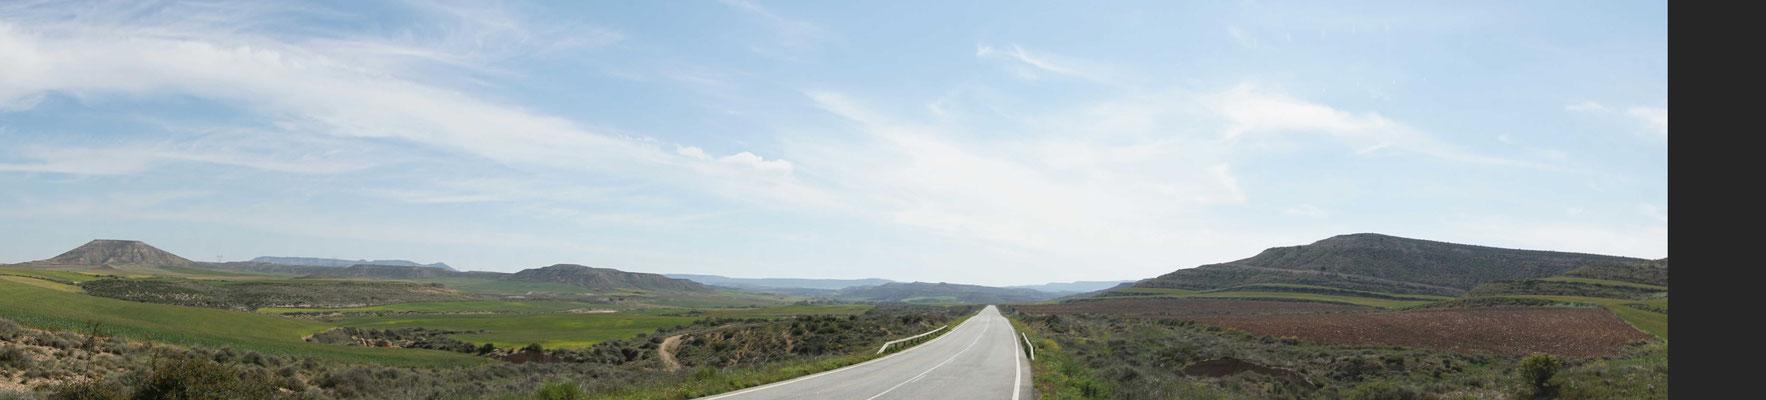 Die Strasse führt ins Nichts - und aus dem Nichts bläst der GEGENWIND...